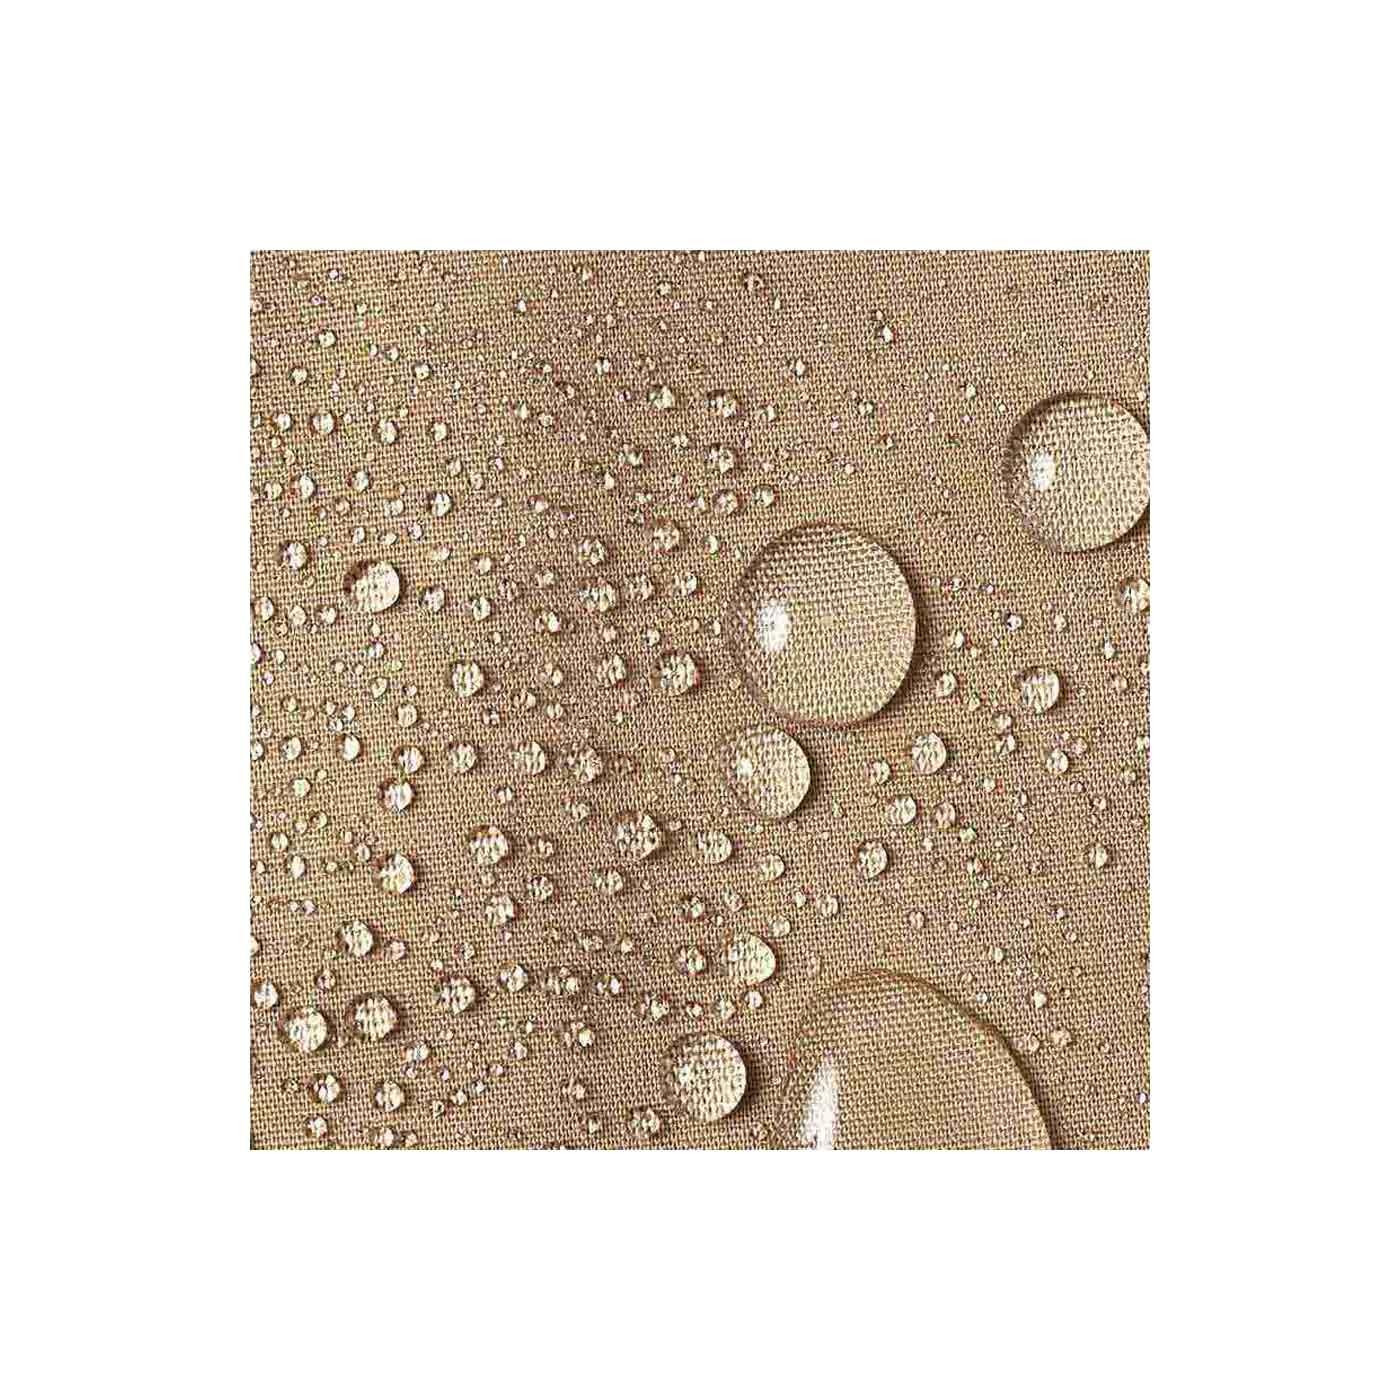 やさしい風合いの綿混素材の生地に撥水(はっすい)加工をほどこしています。